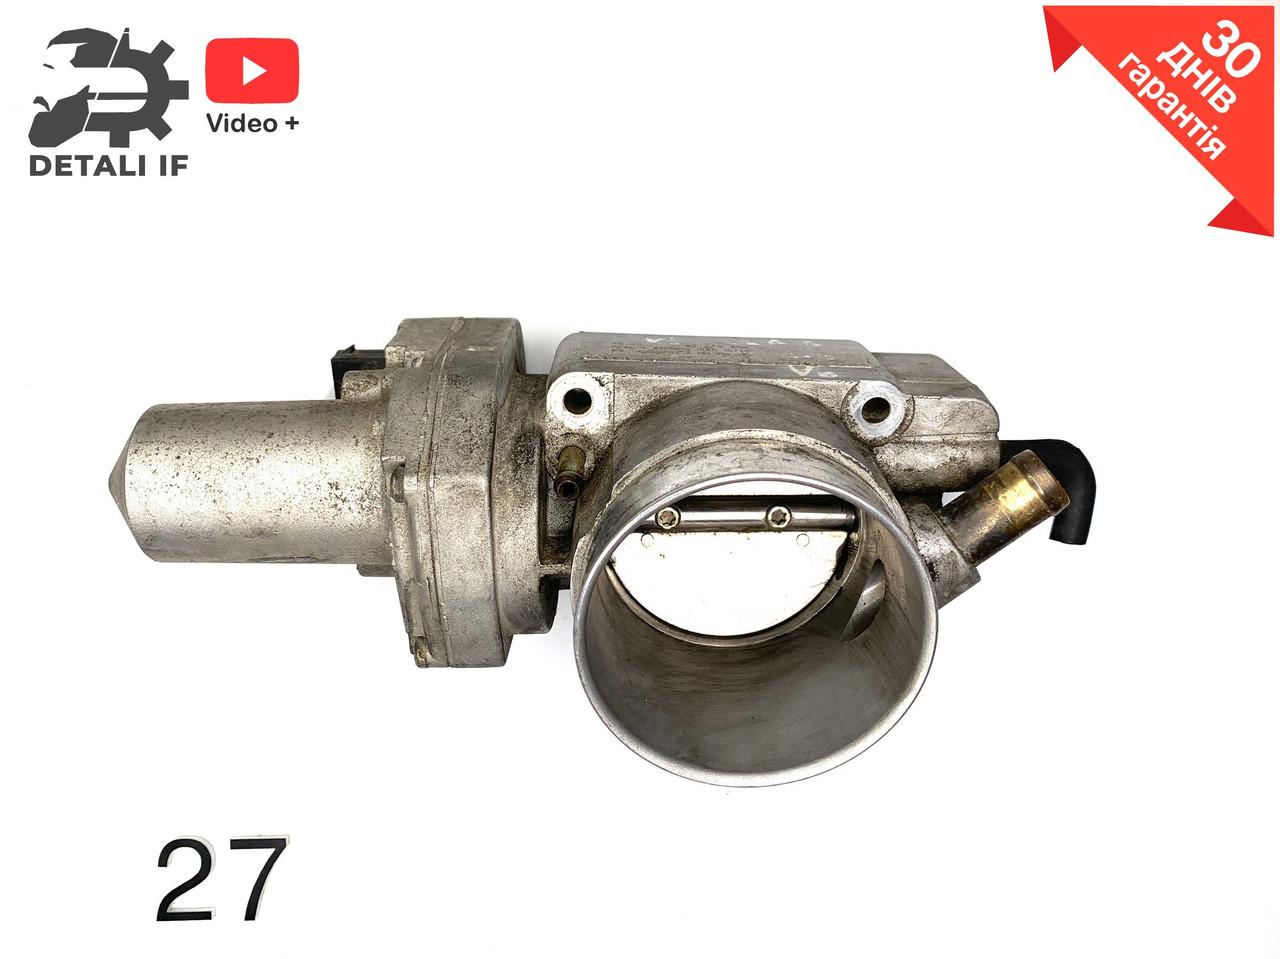 Дроссельная заслонка Vectra B, Вектра Б 2.6 №27 0280750005, 90570604